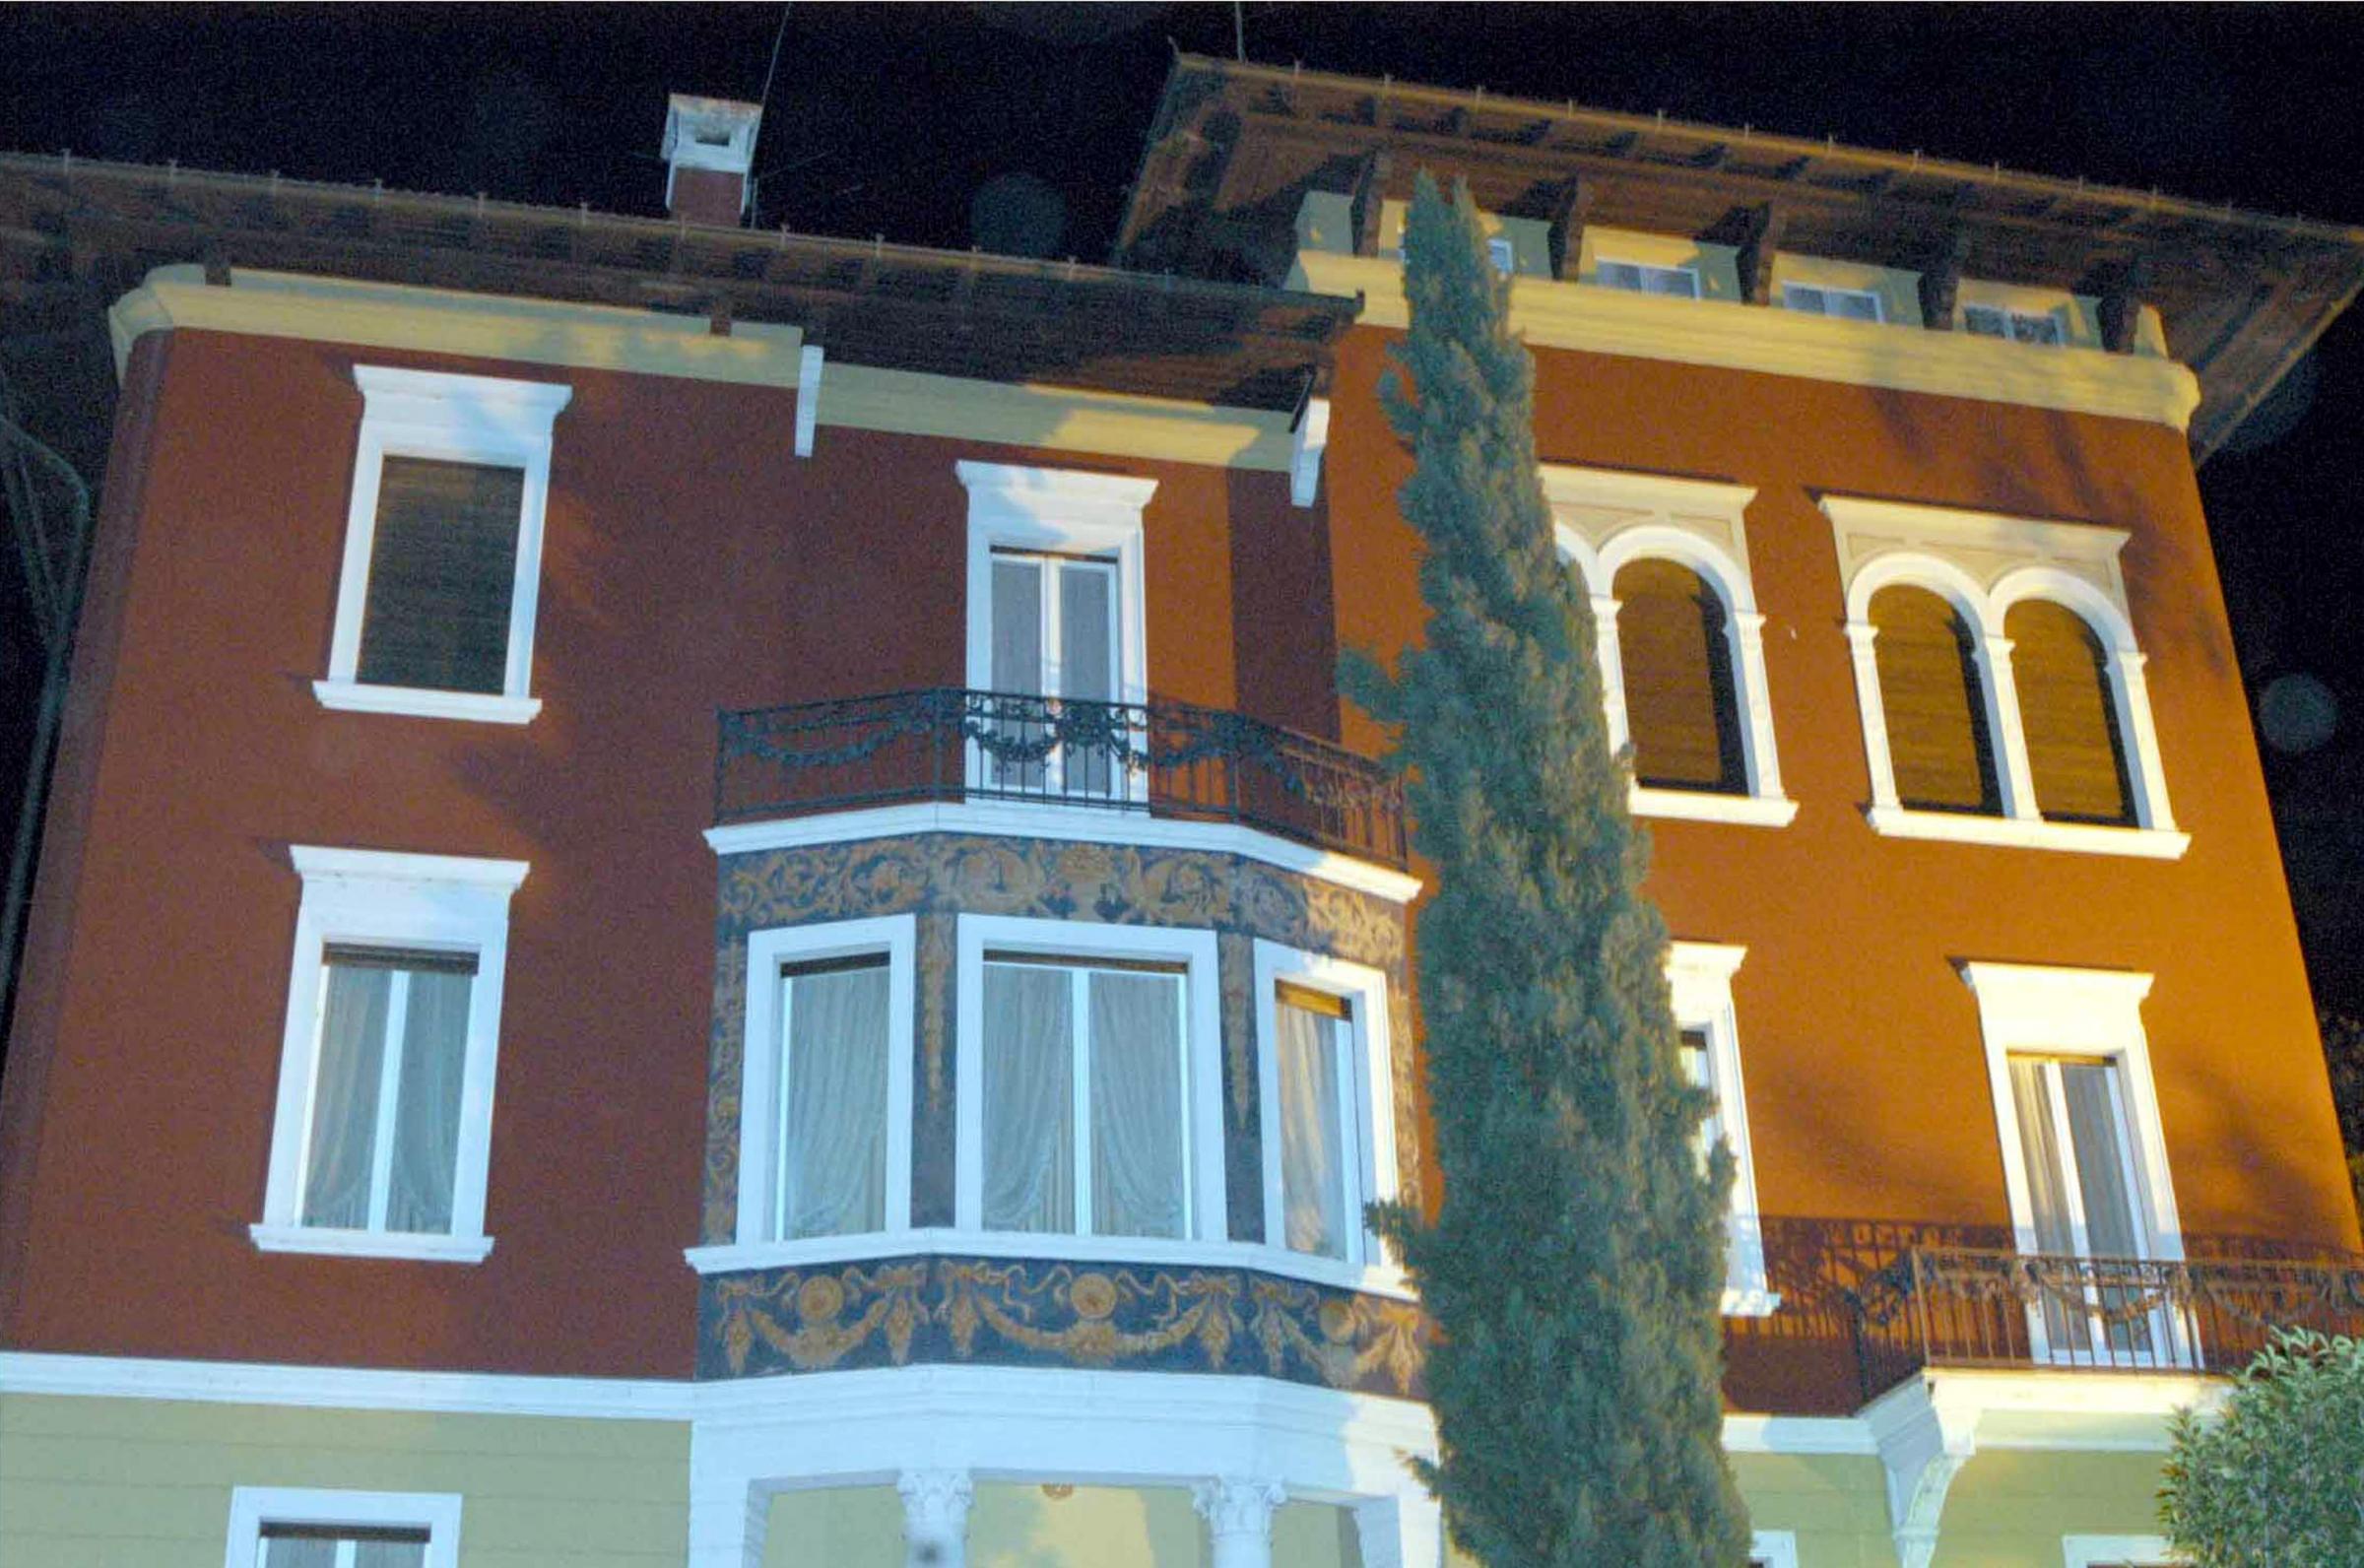 La ripartizione delle spese di manutenzione dei balconi - Immagini di giardini di villette ...